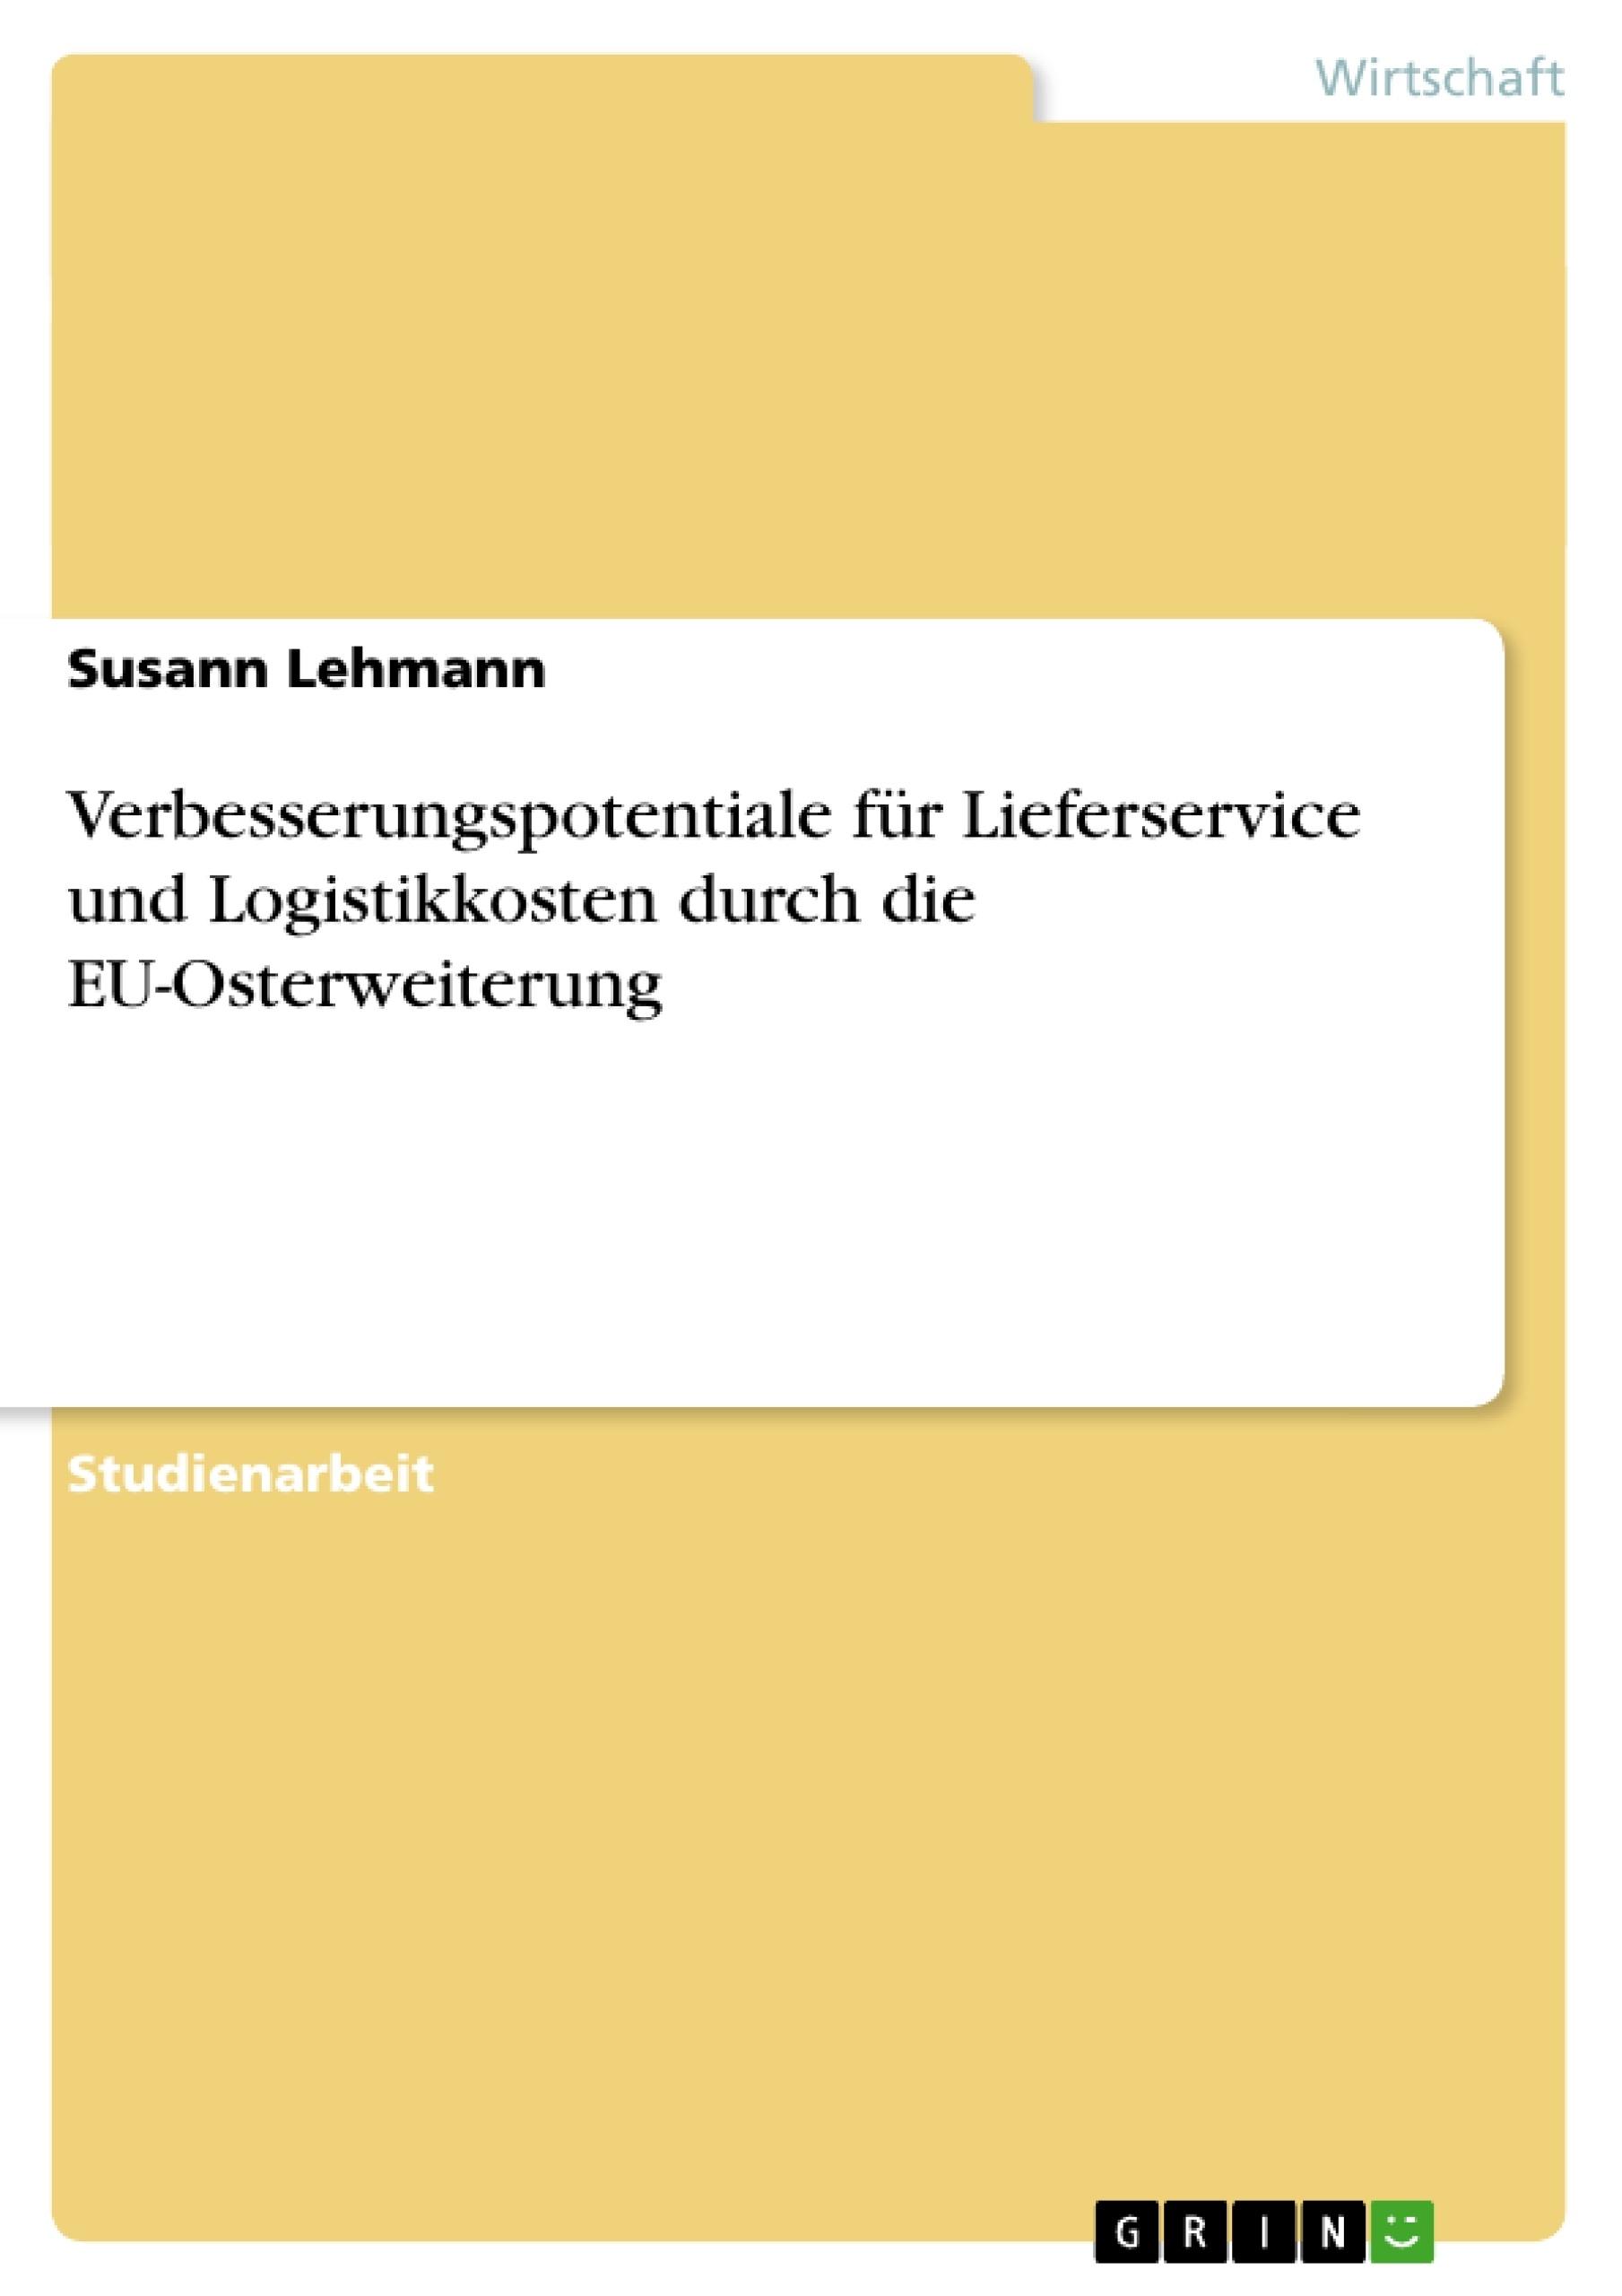 Titel: Verbesserungspotentiale für Lieferservice und Logistikkosten durch die EU-Osterweiterung